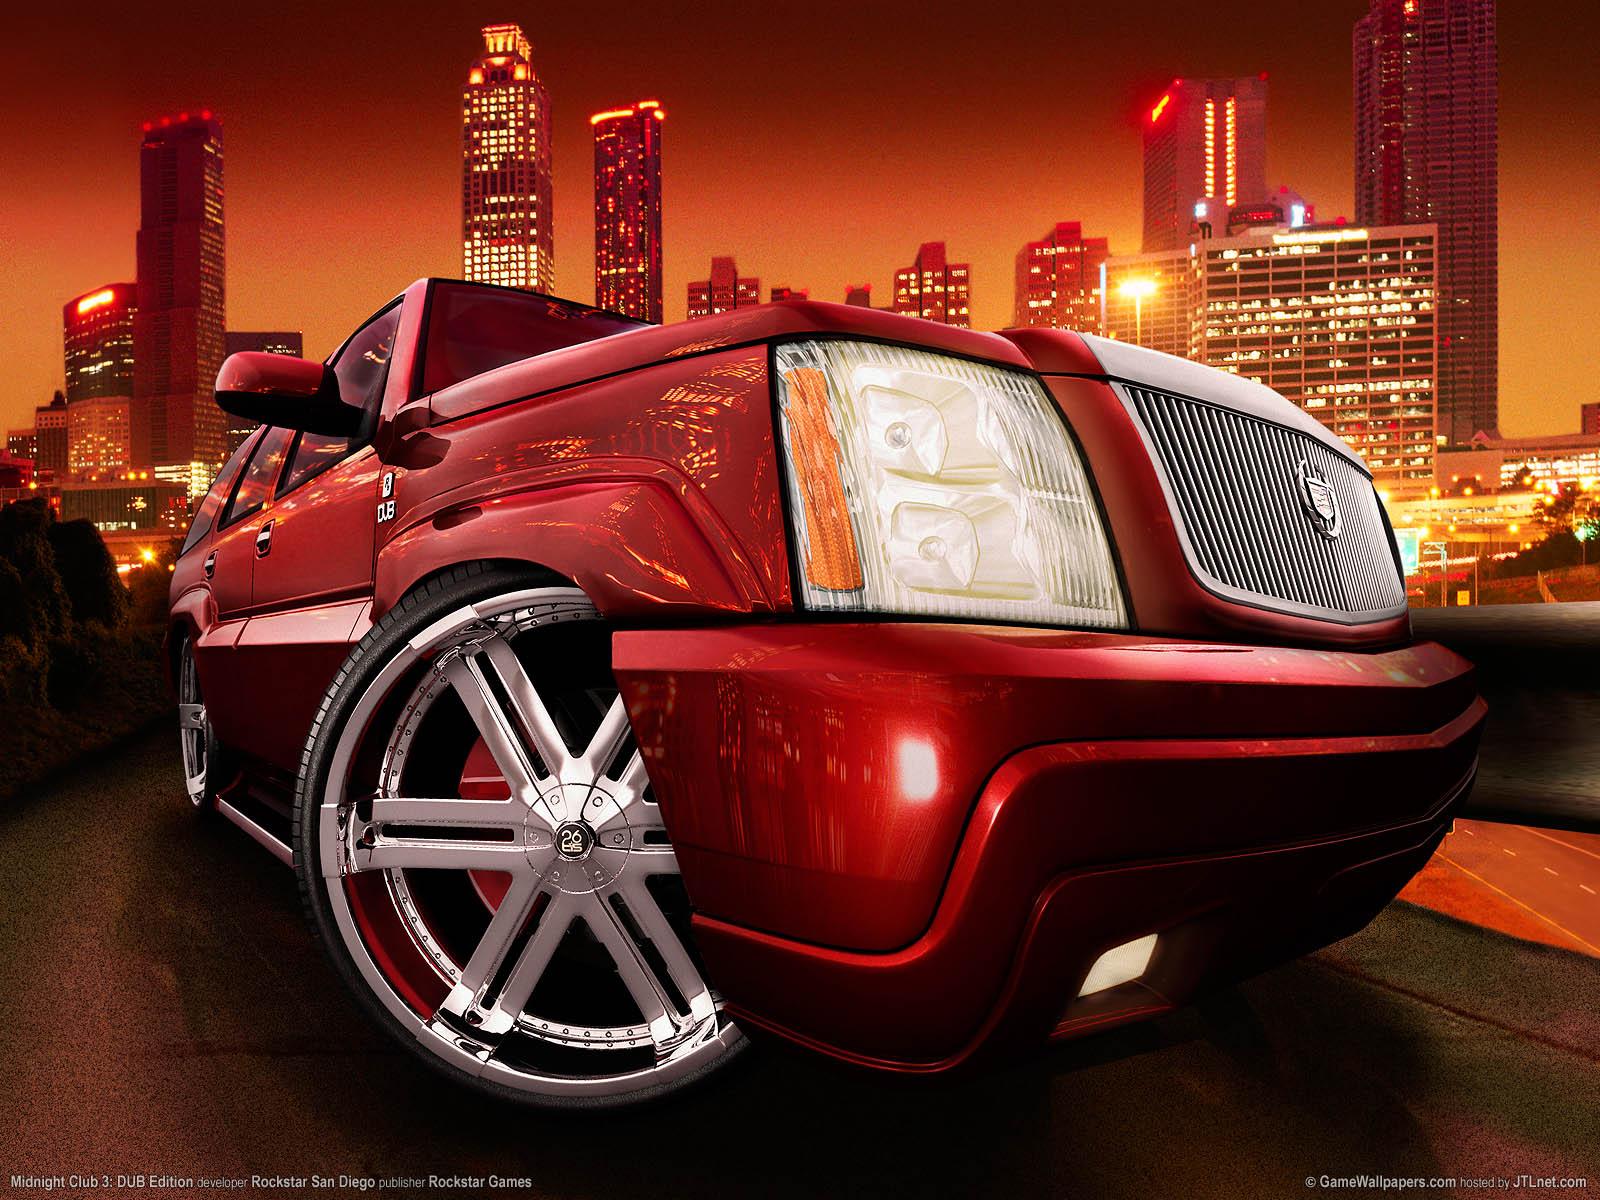 ,carros velozes,carros lindos,carros irados,carros tunados,carros